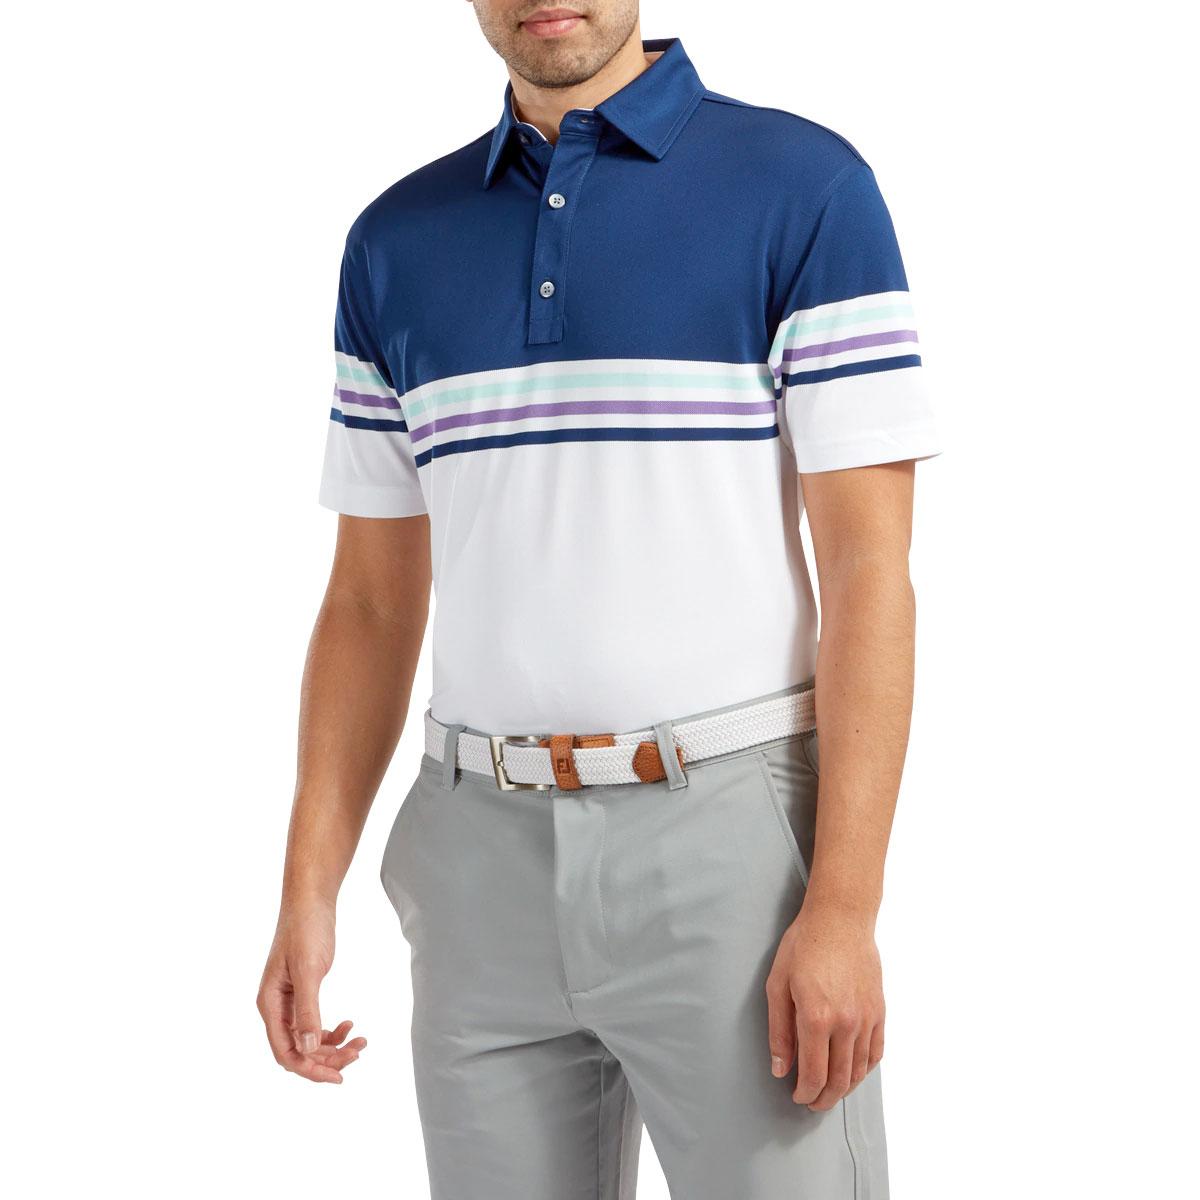 FootJoy Stretch Pique Colour Block Mens Golf Polo Shirt  - Blue/White